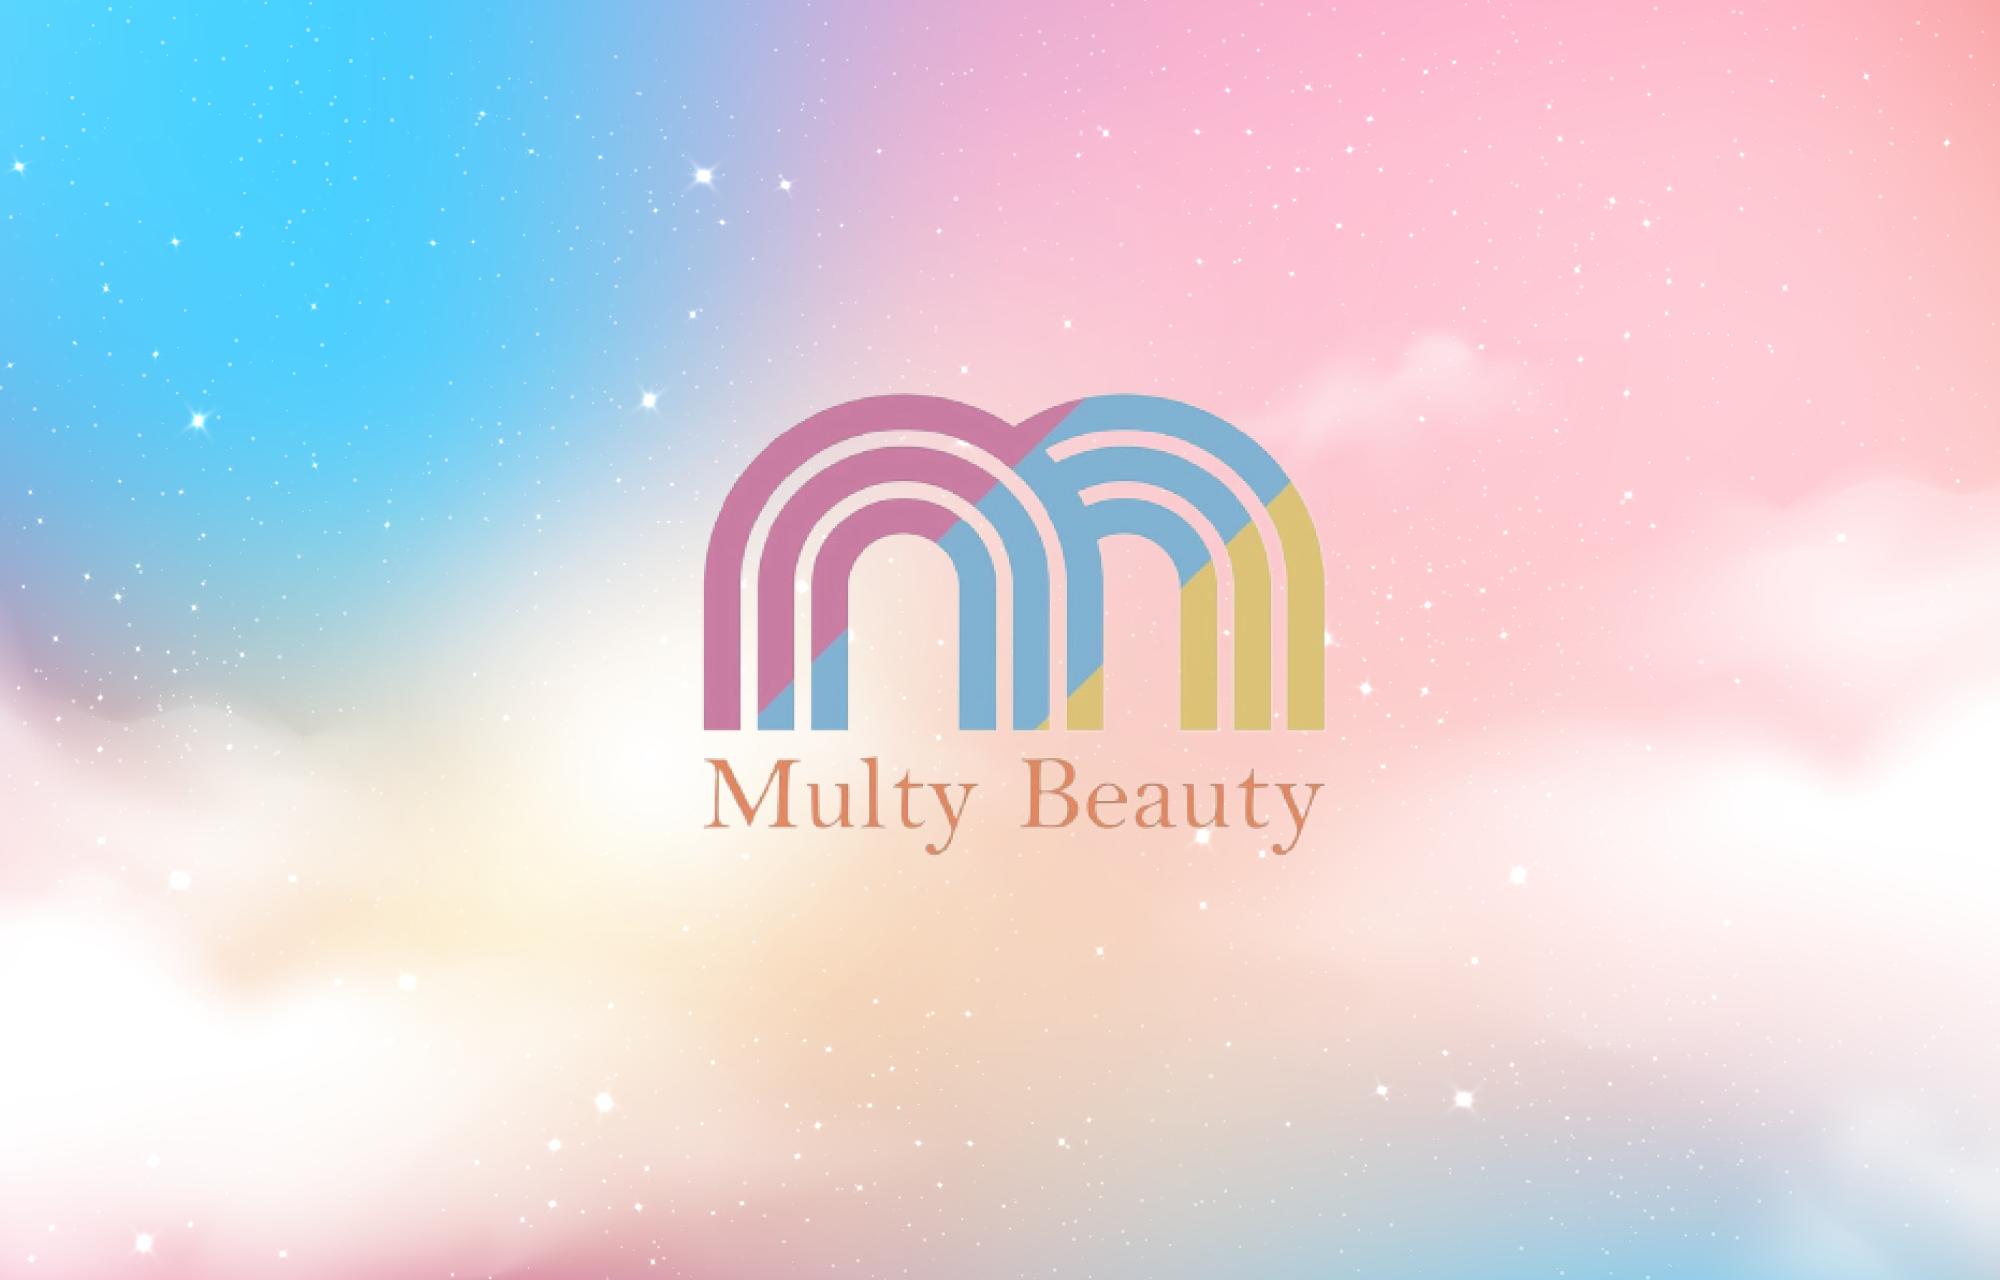 Multy Beauty